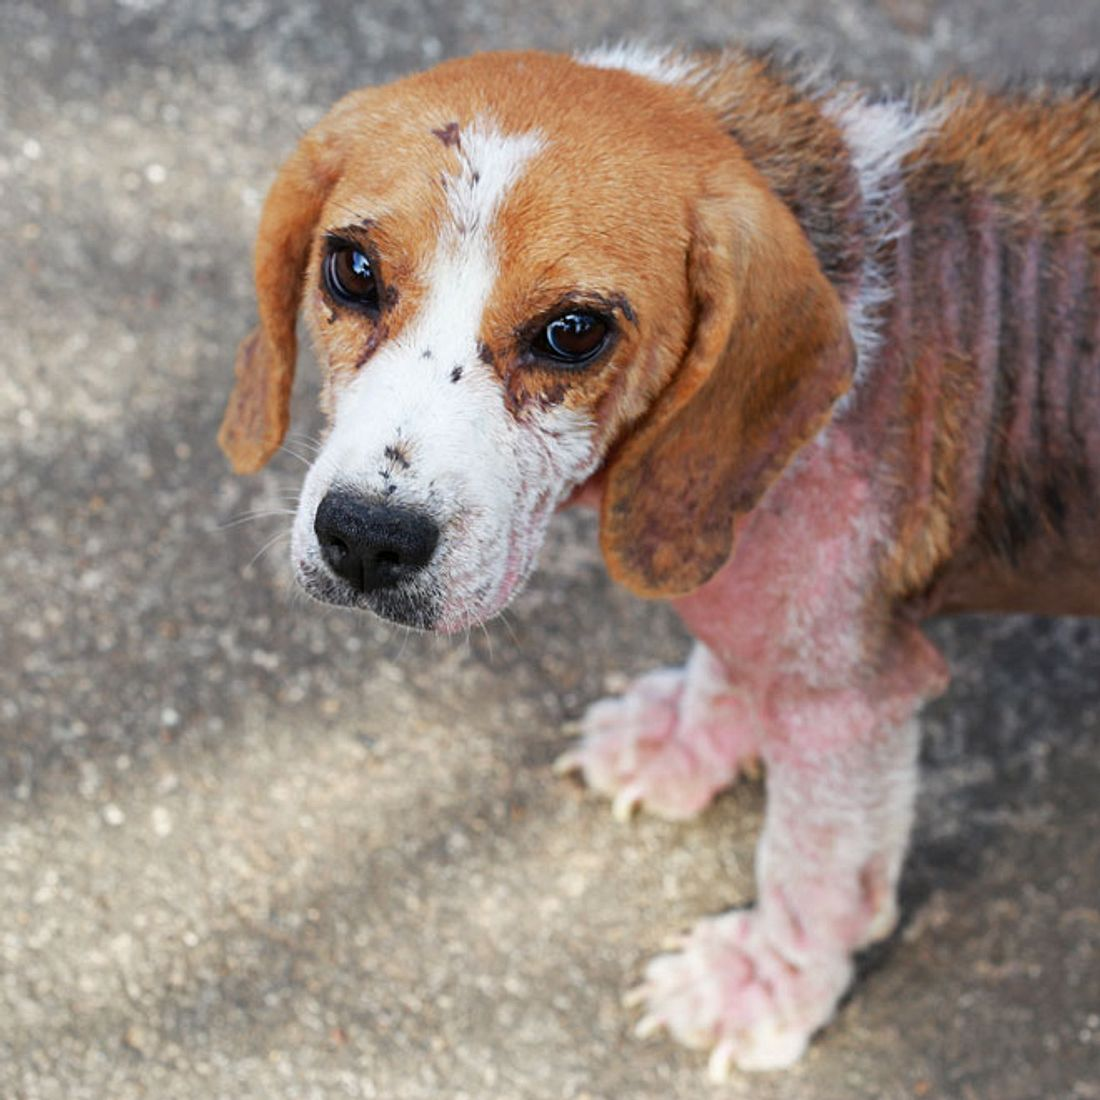 Einschläfern zu teuer: Frau lässt ihren Hund einfach verhungern!